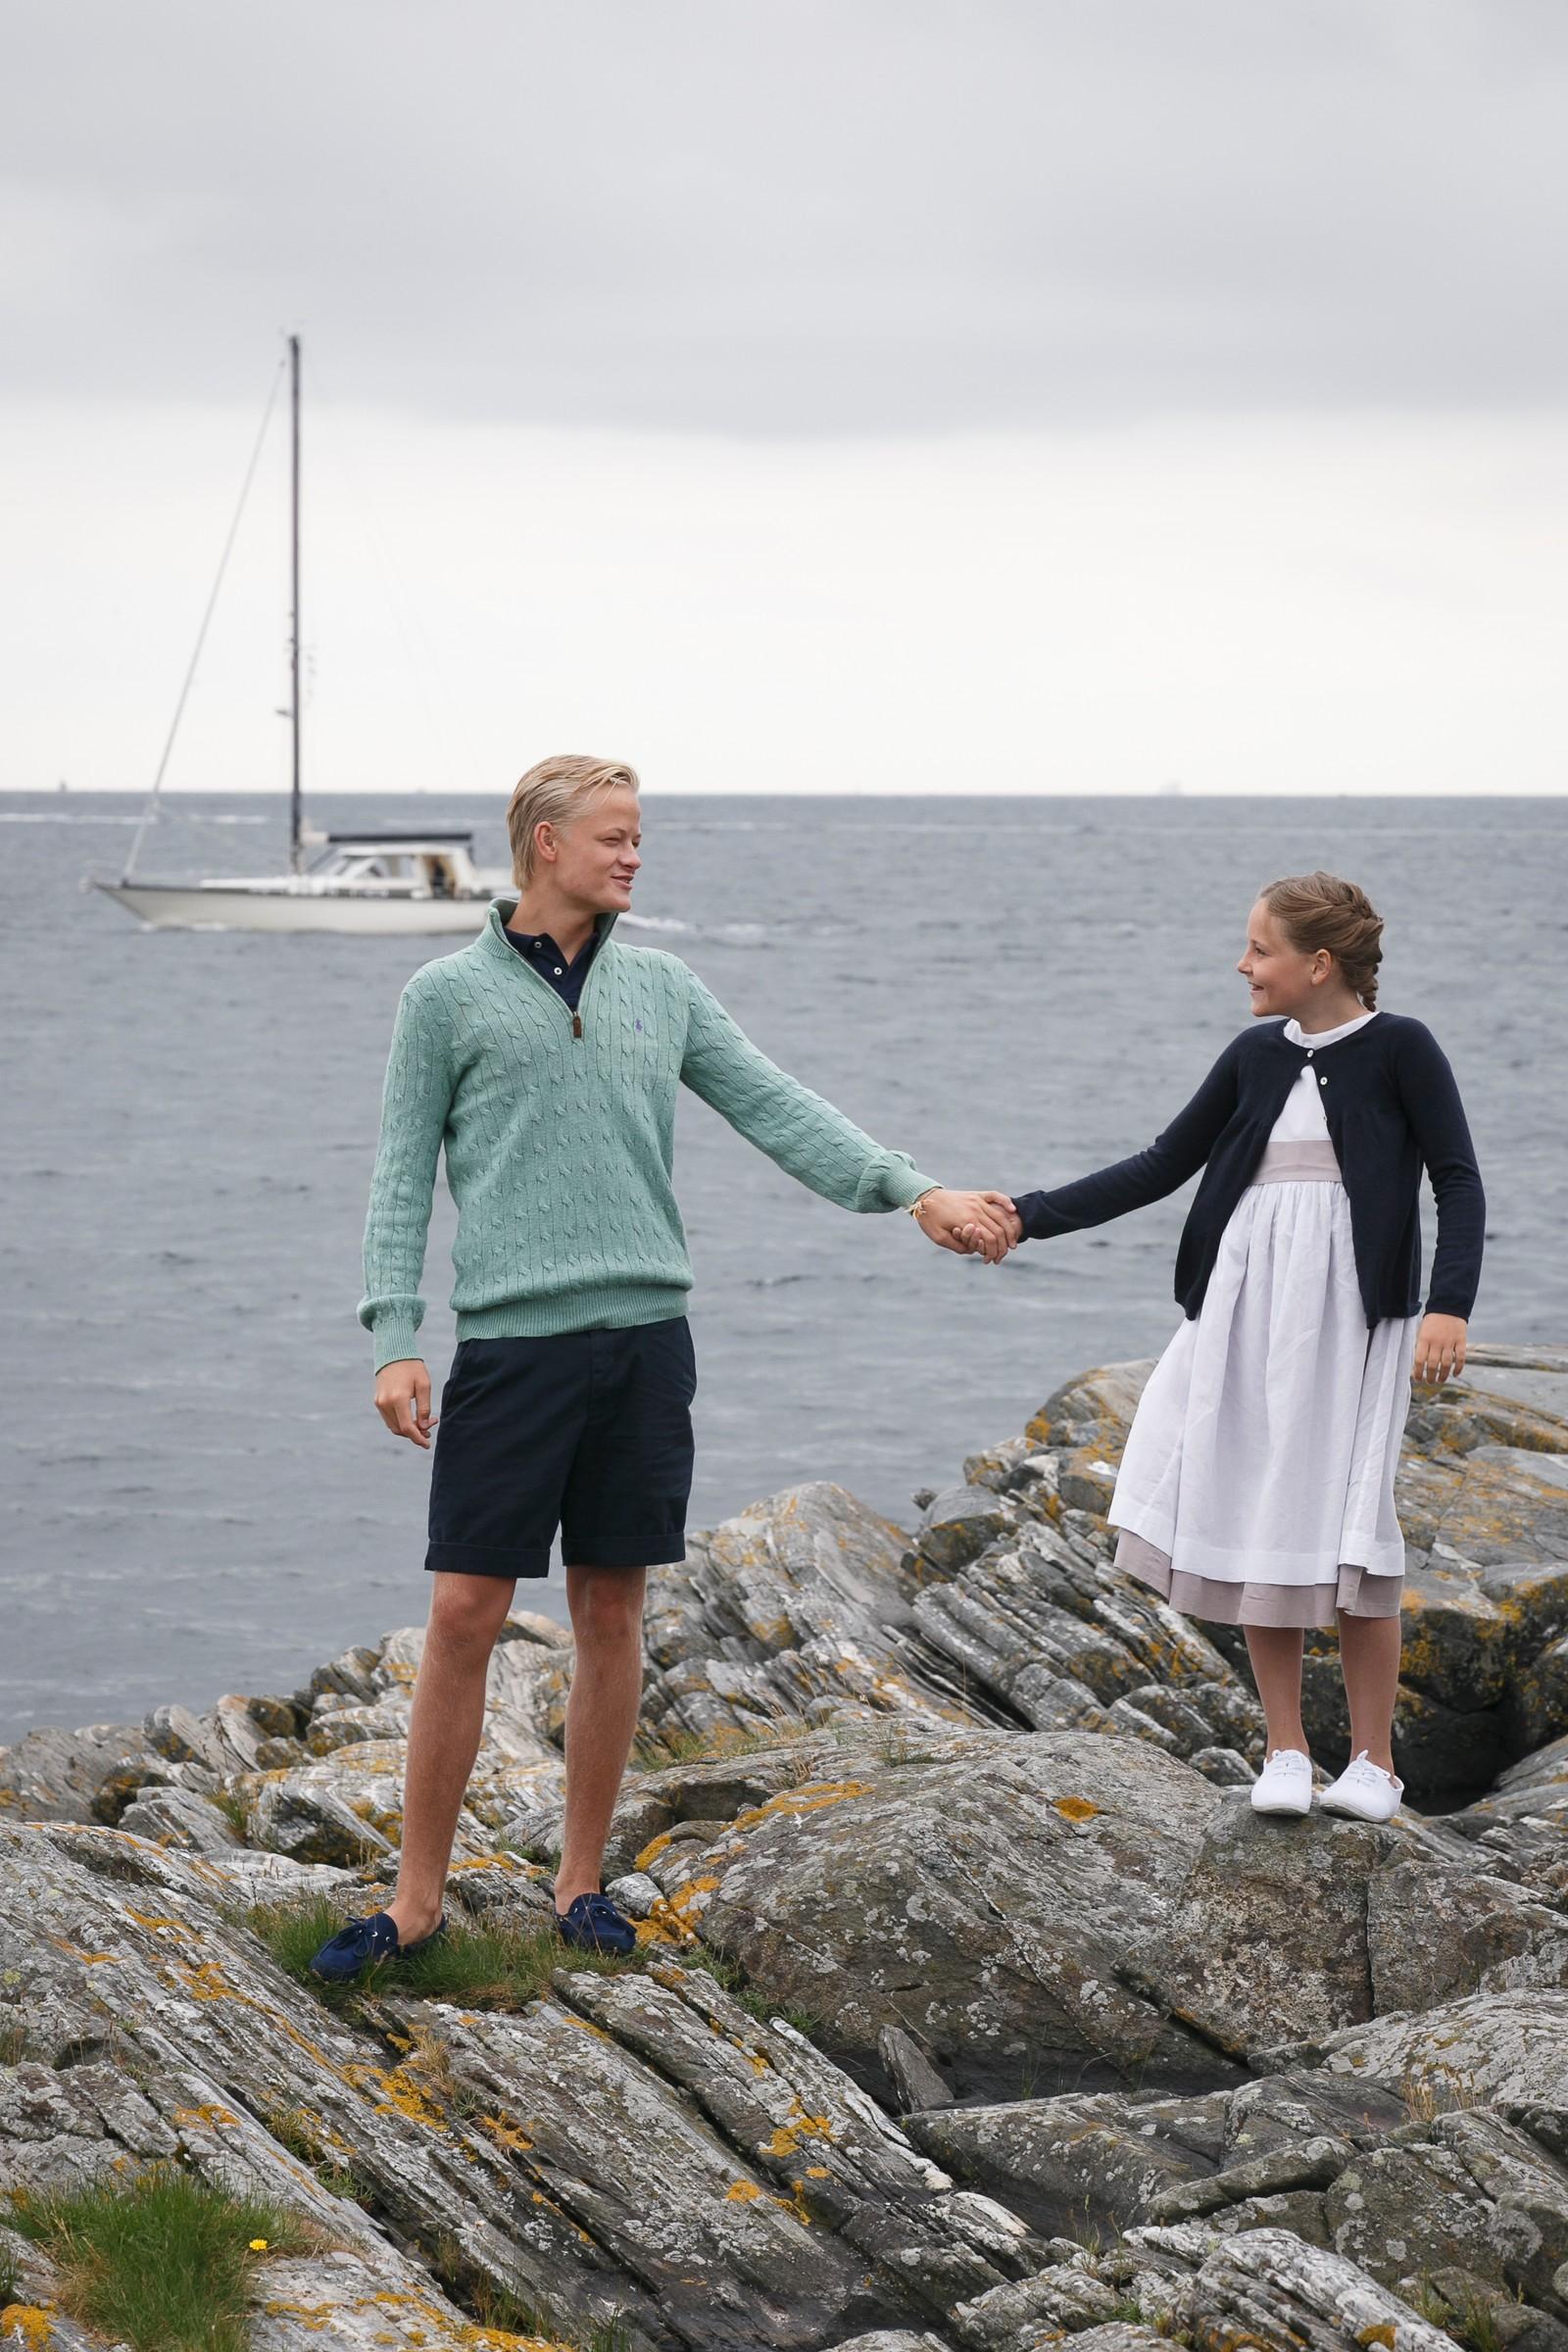 10 ÅR: Storebror Marius var 17, prinsessa 10 då dei poserte på skjeret framfor sommarhuset på Dvergsøya utanfor Kristiansand. No er han 20 og flytta til USA. Ho går inn i tenåra.